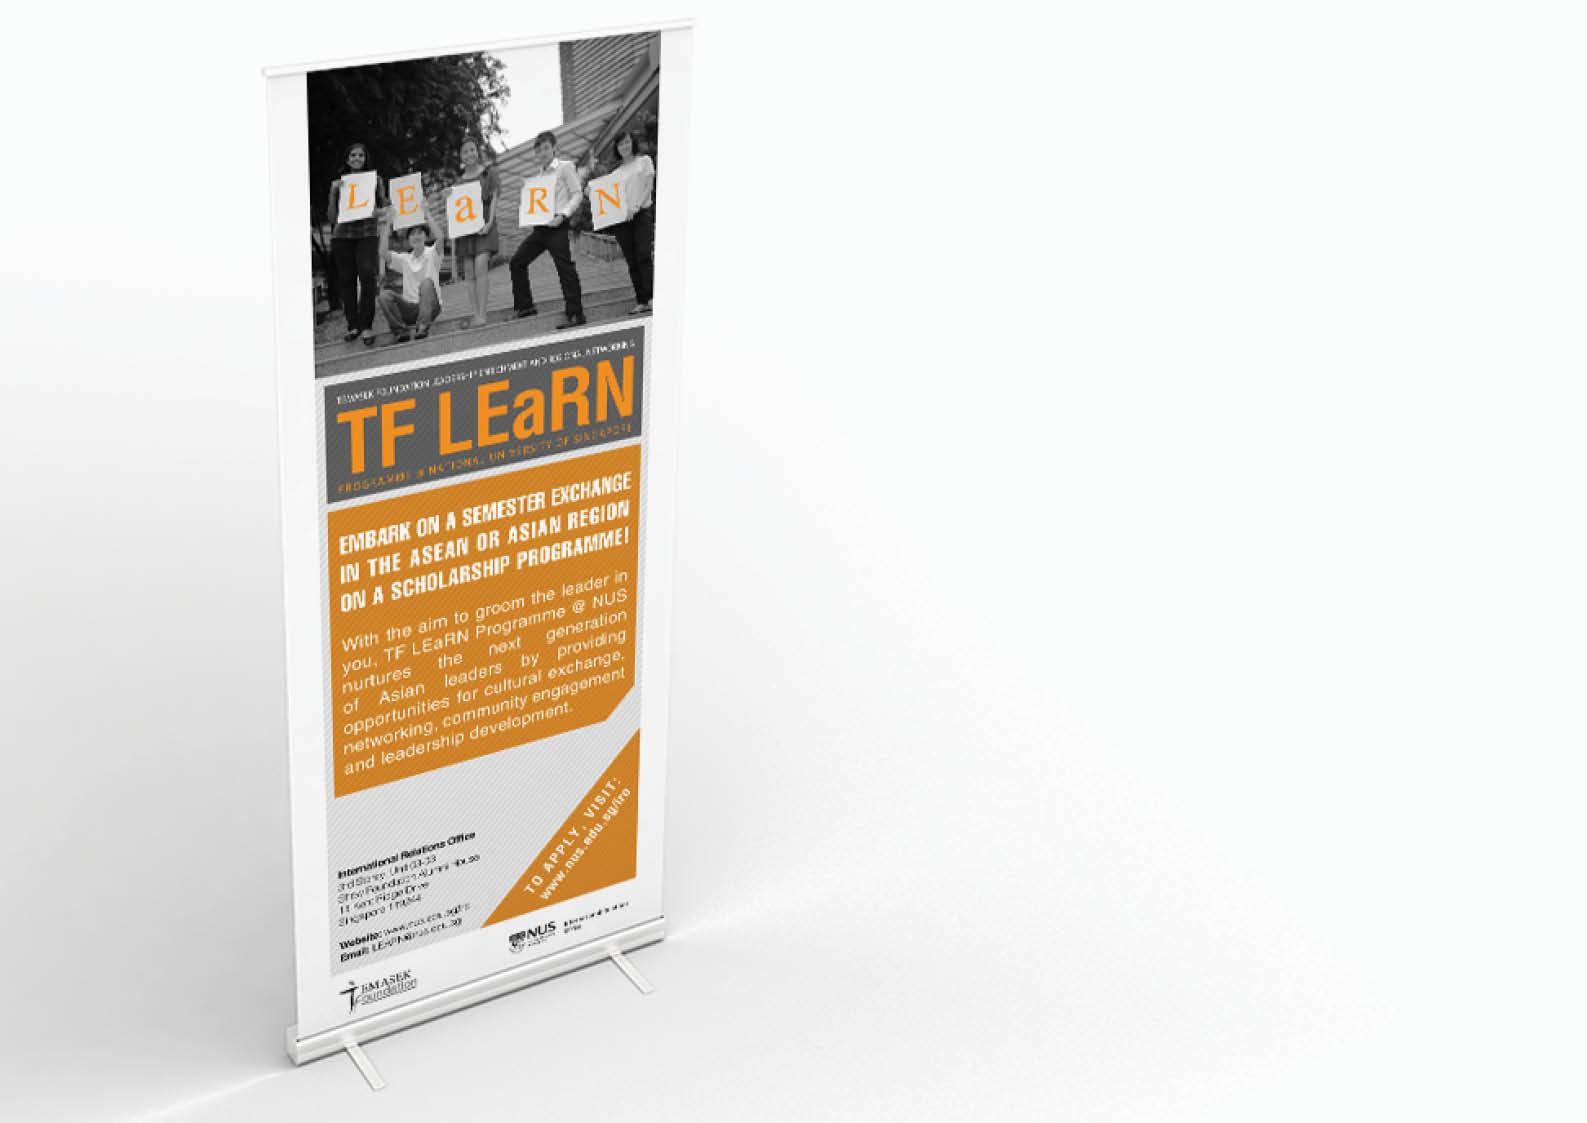 tf-learn-nus-04